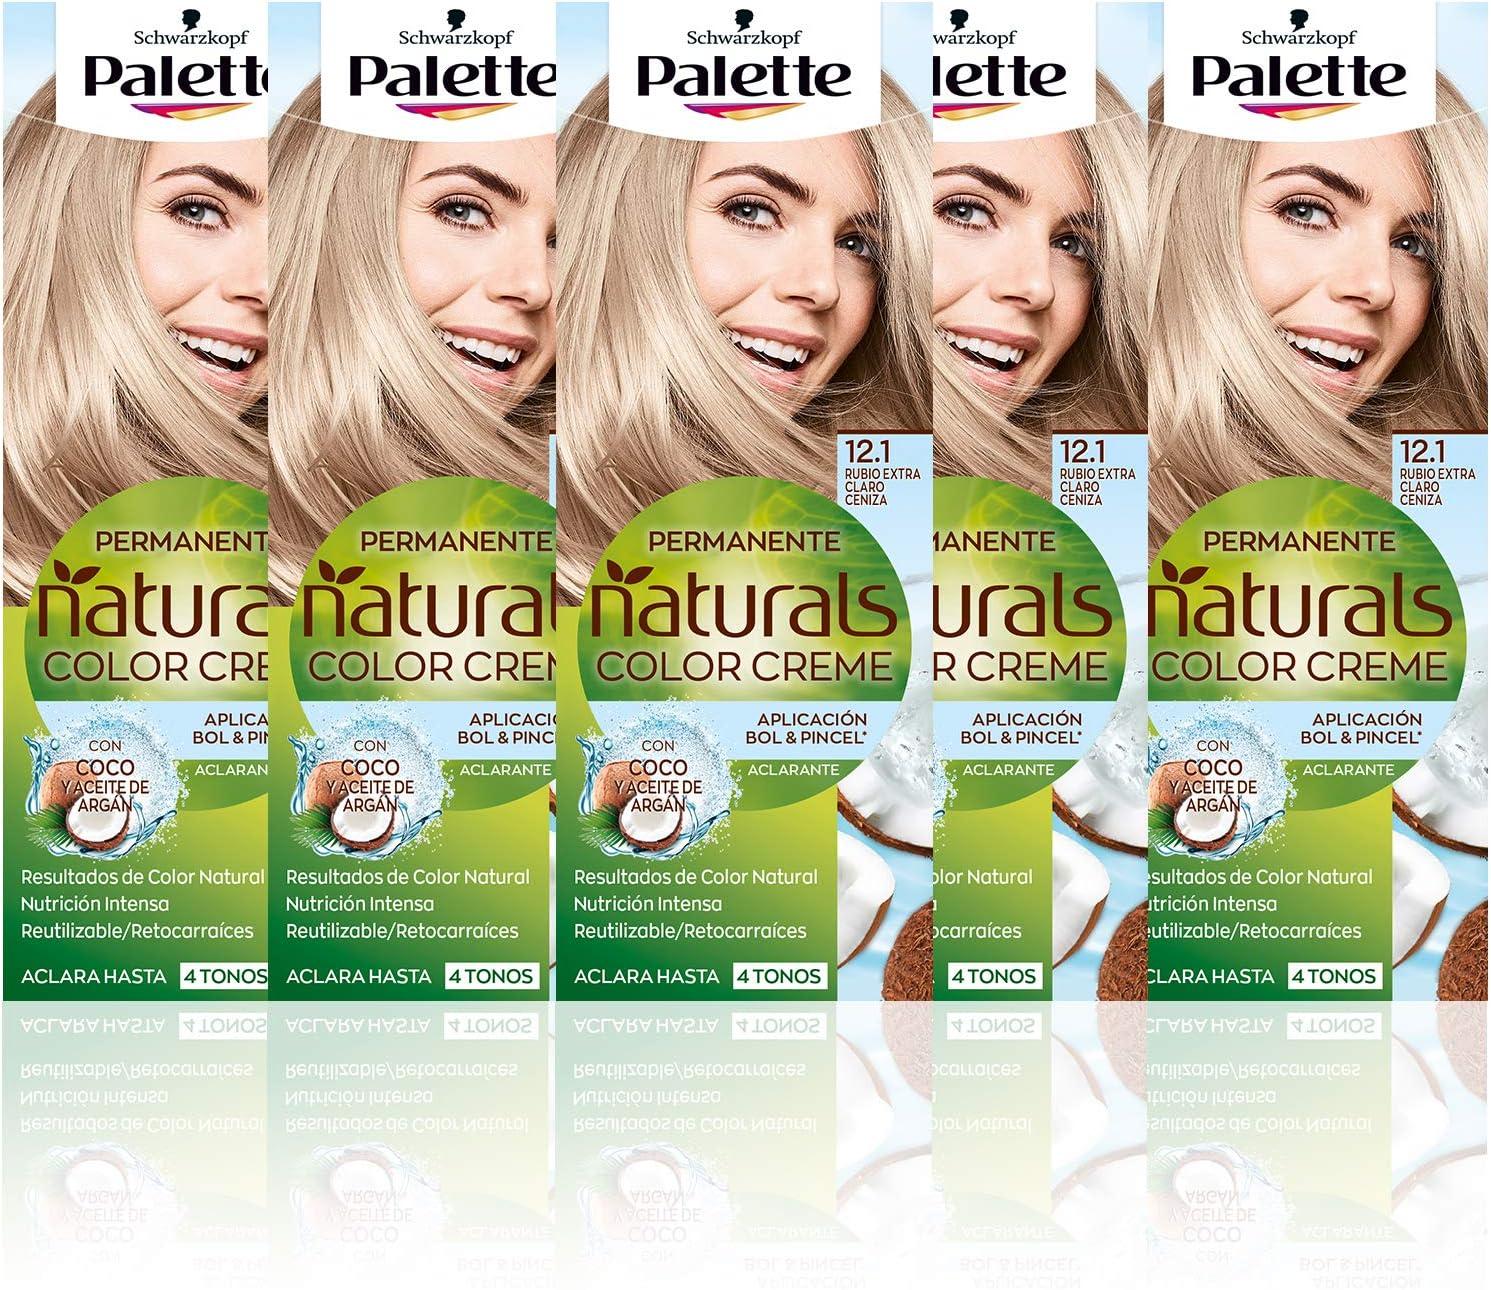 Schwarzkopf Palette Naturals Color Creme - Tono 12.1 cabello Rubio Extra (Pack de 5) - Coloración Permanente – Perfecta cobertura de canas – Colores ...